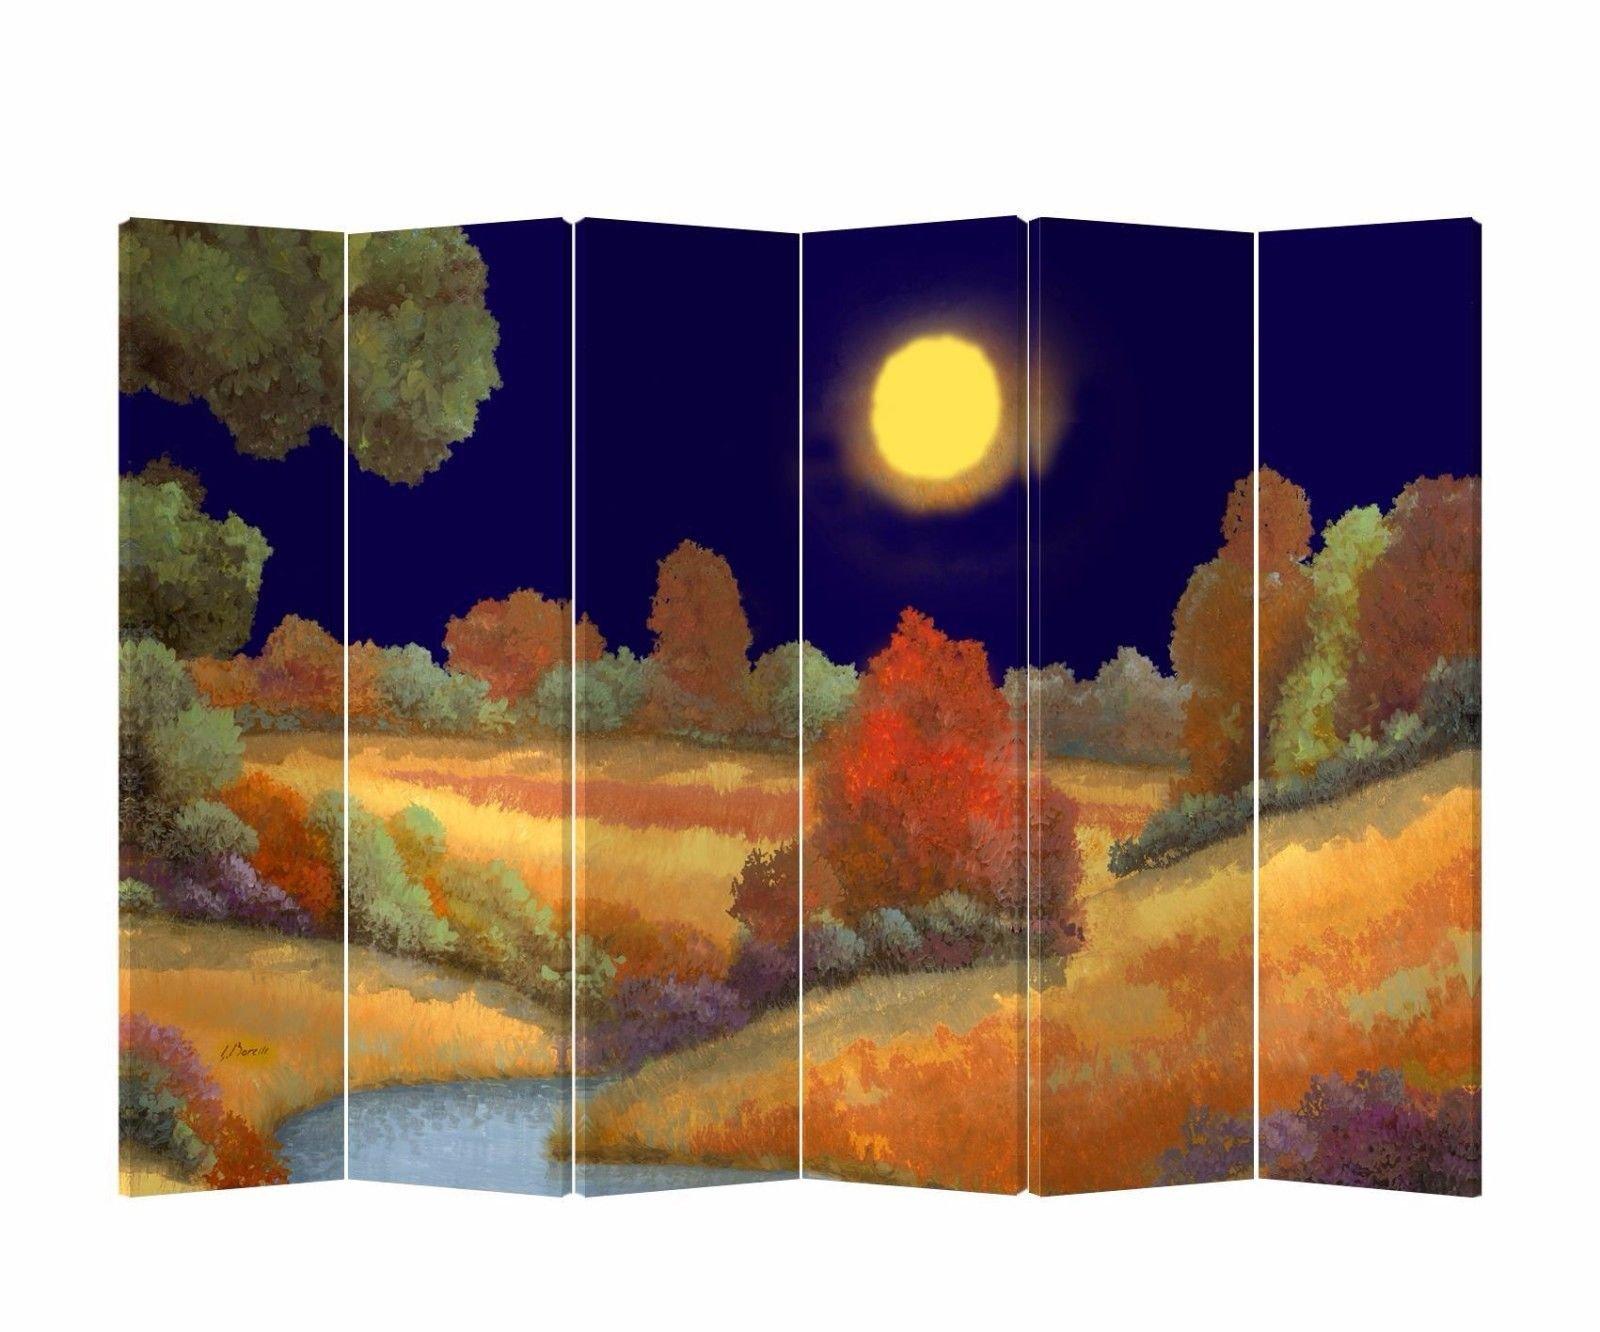 Fine Asianliving-Divisor de habitación-Tabiques-Mampara de ducha-Puertas corredizas-separadores de espacios-Separador de ambientes madera-Paneles separadores-Tabique decorativo para habitaciones-901: Amazon.es: Hogar